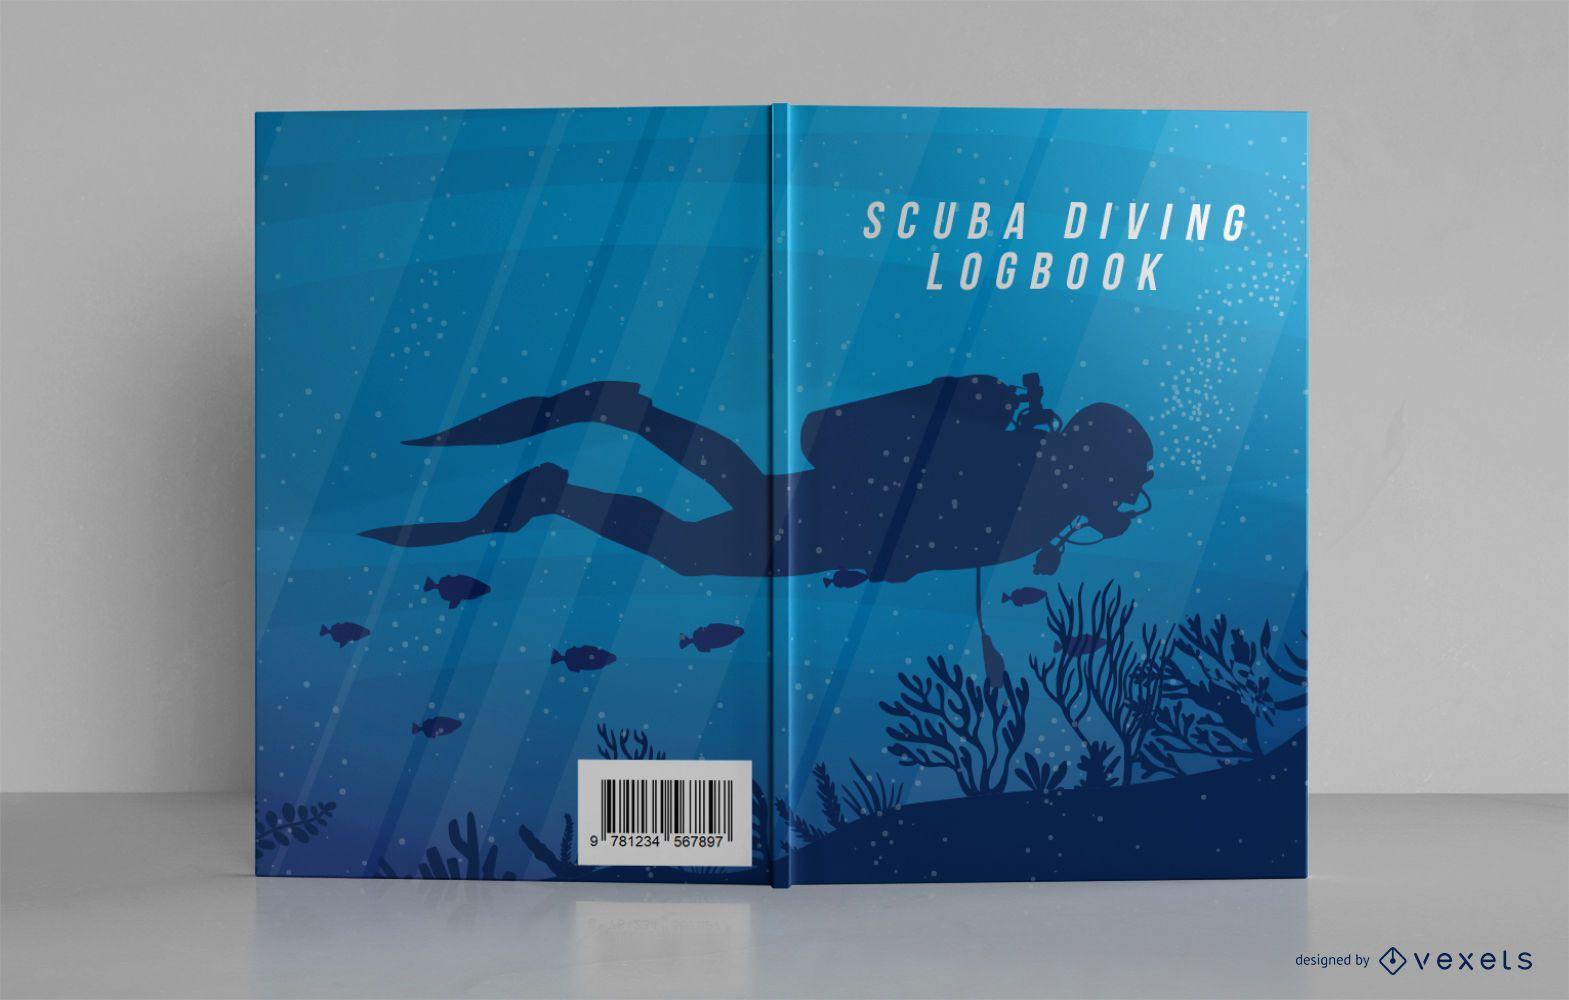 Scuba Diving Logbook Book Cover Design